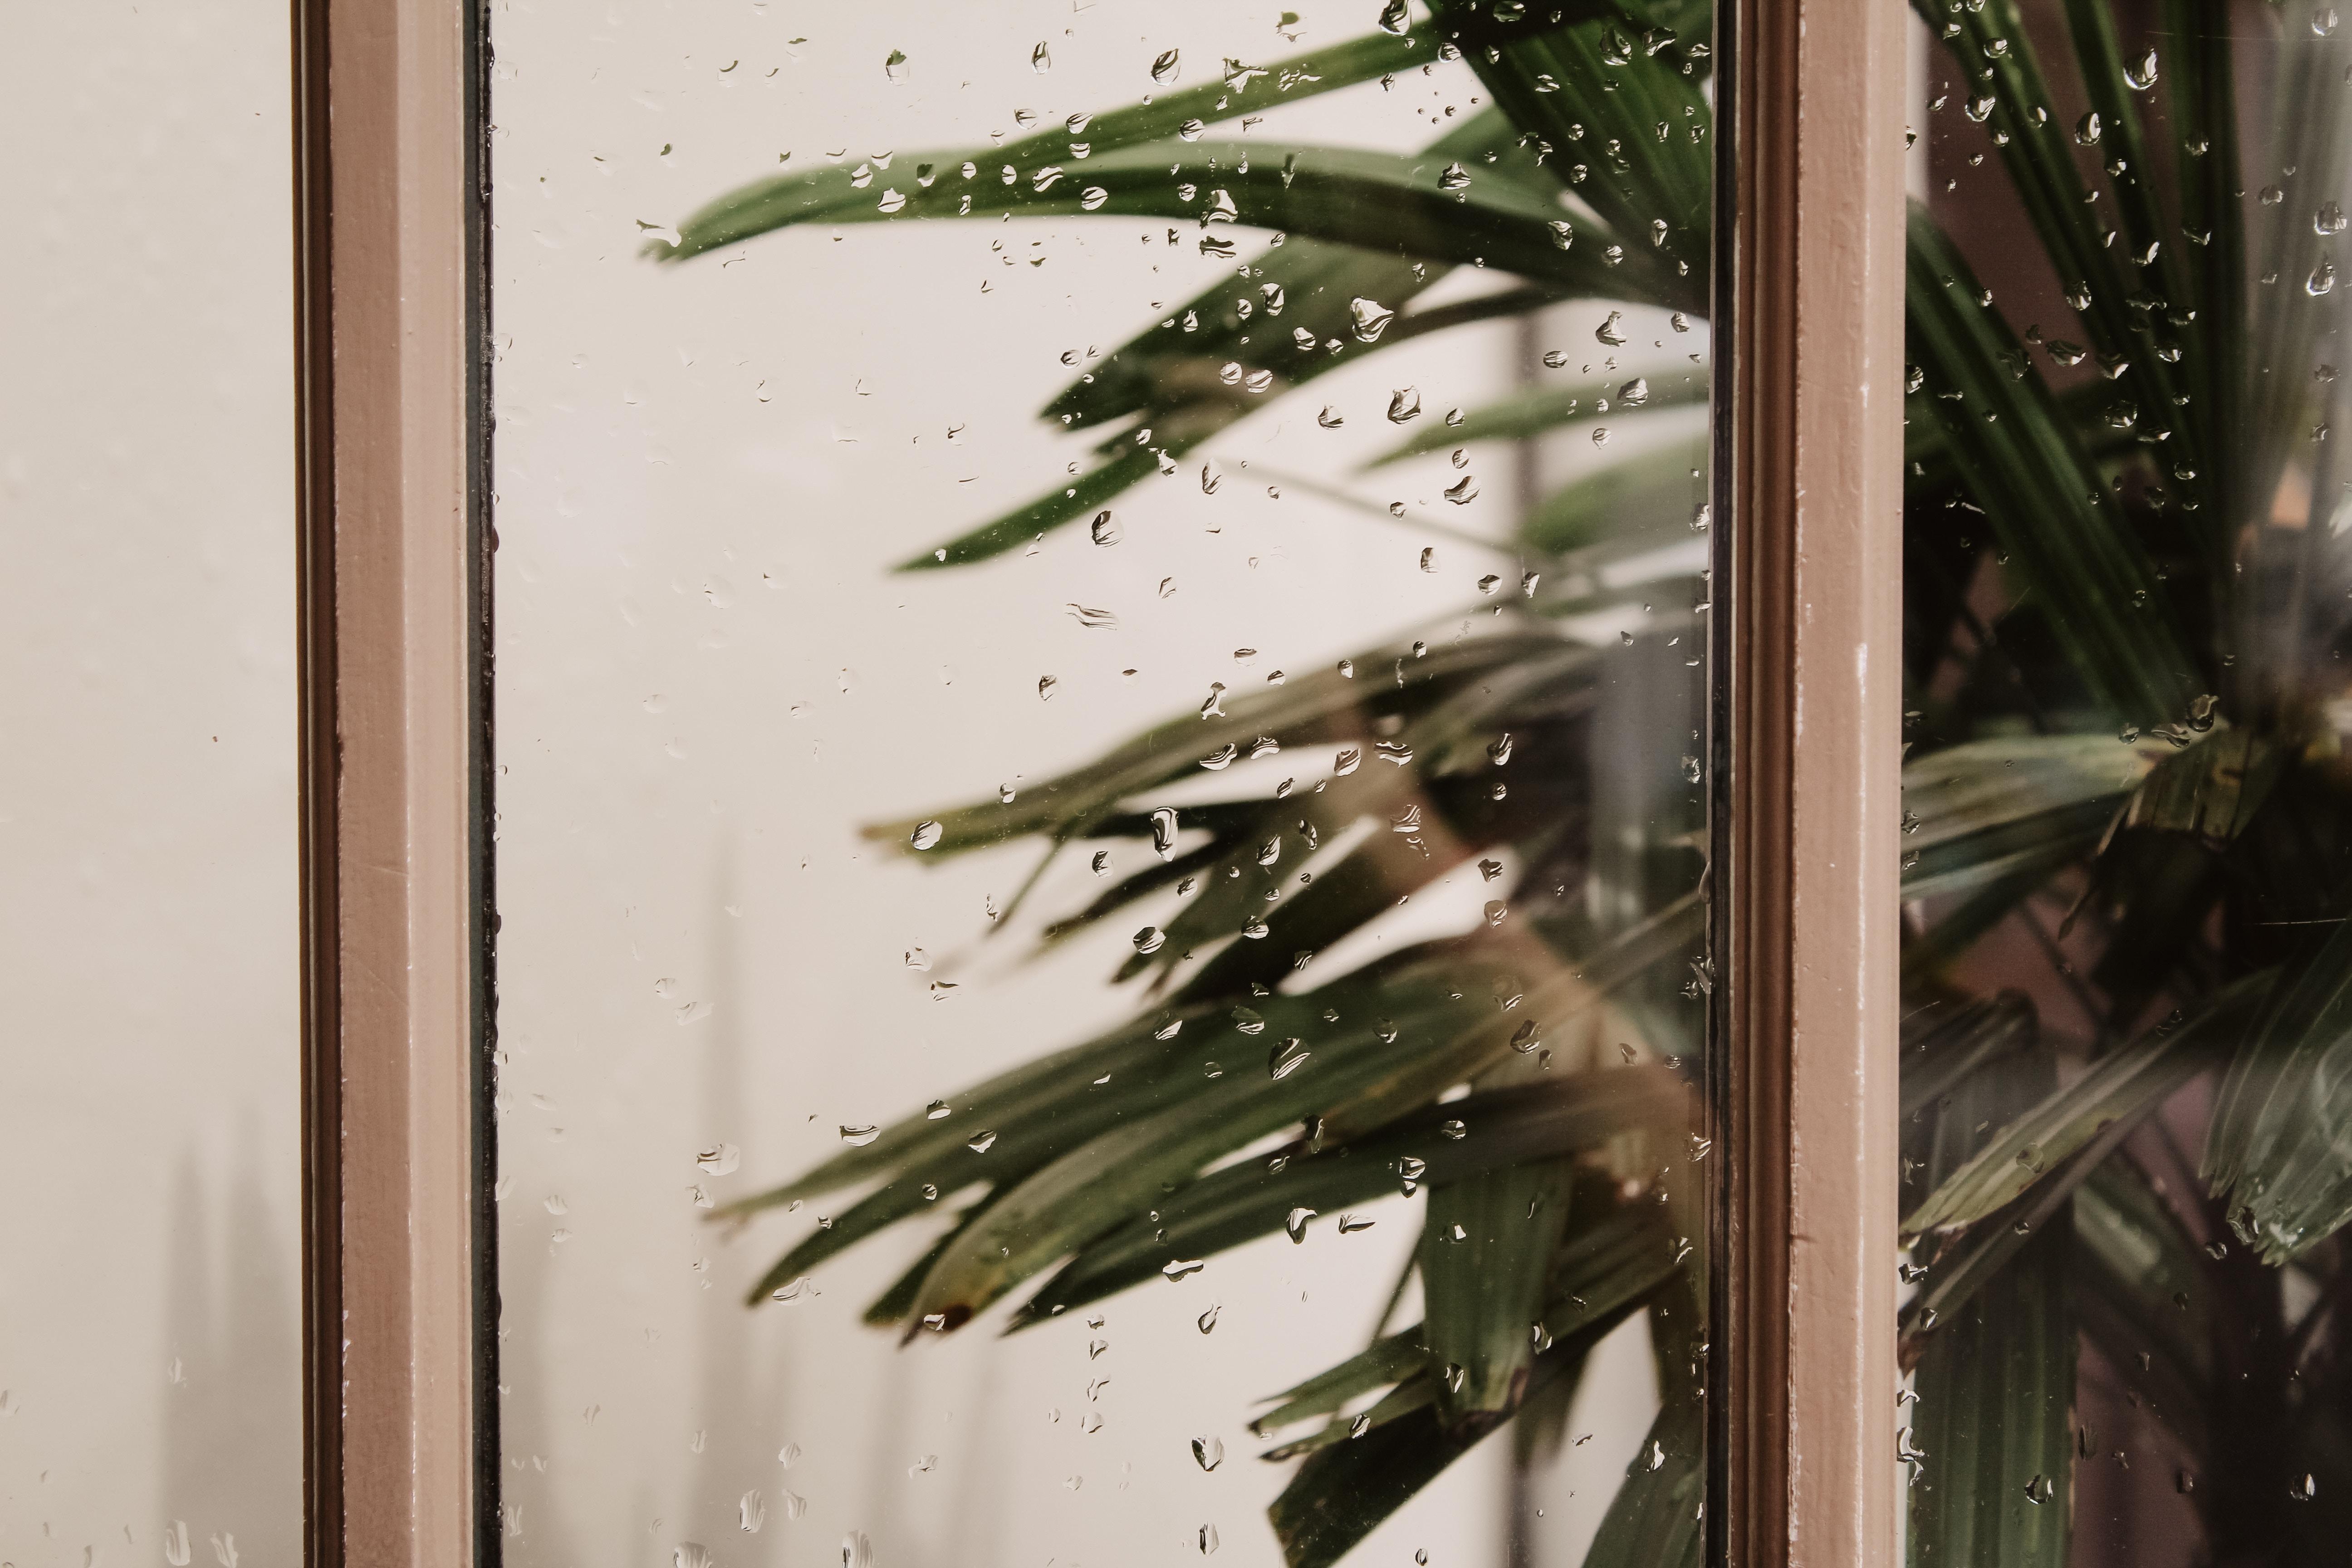 איך תגנו על האביזרים בגינה ובמרפסת מפני הגשמים?